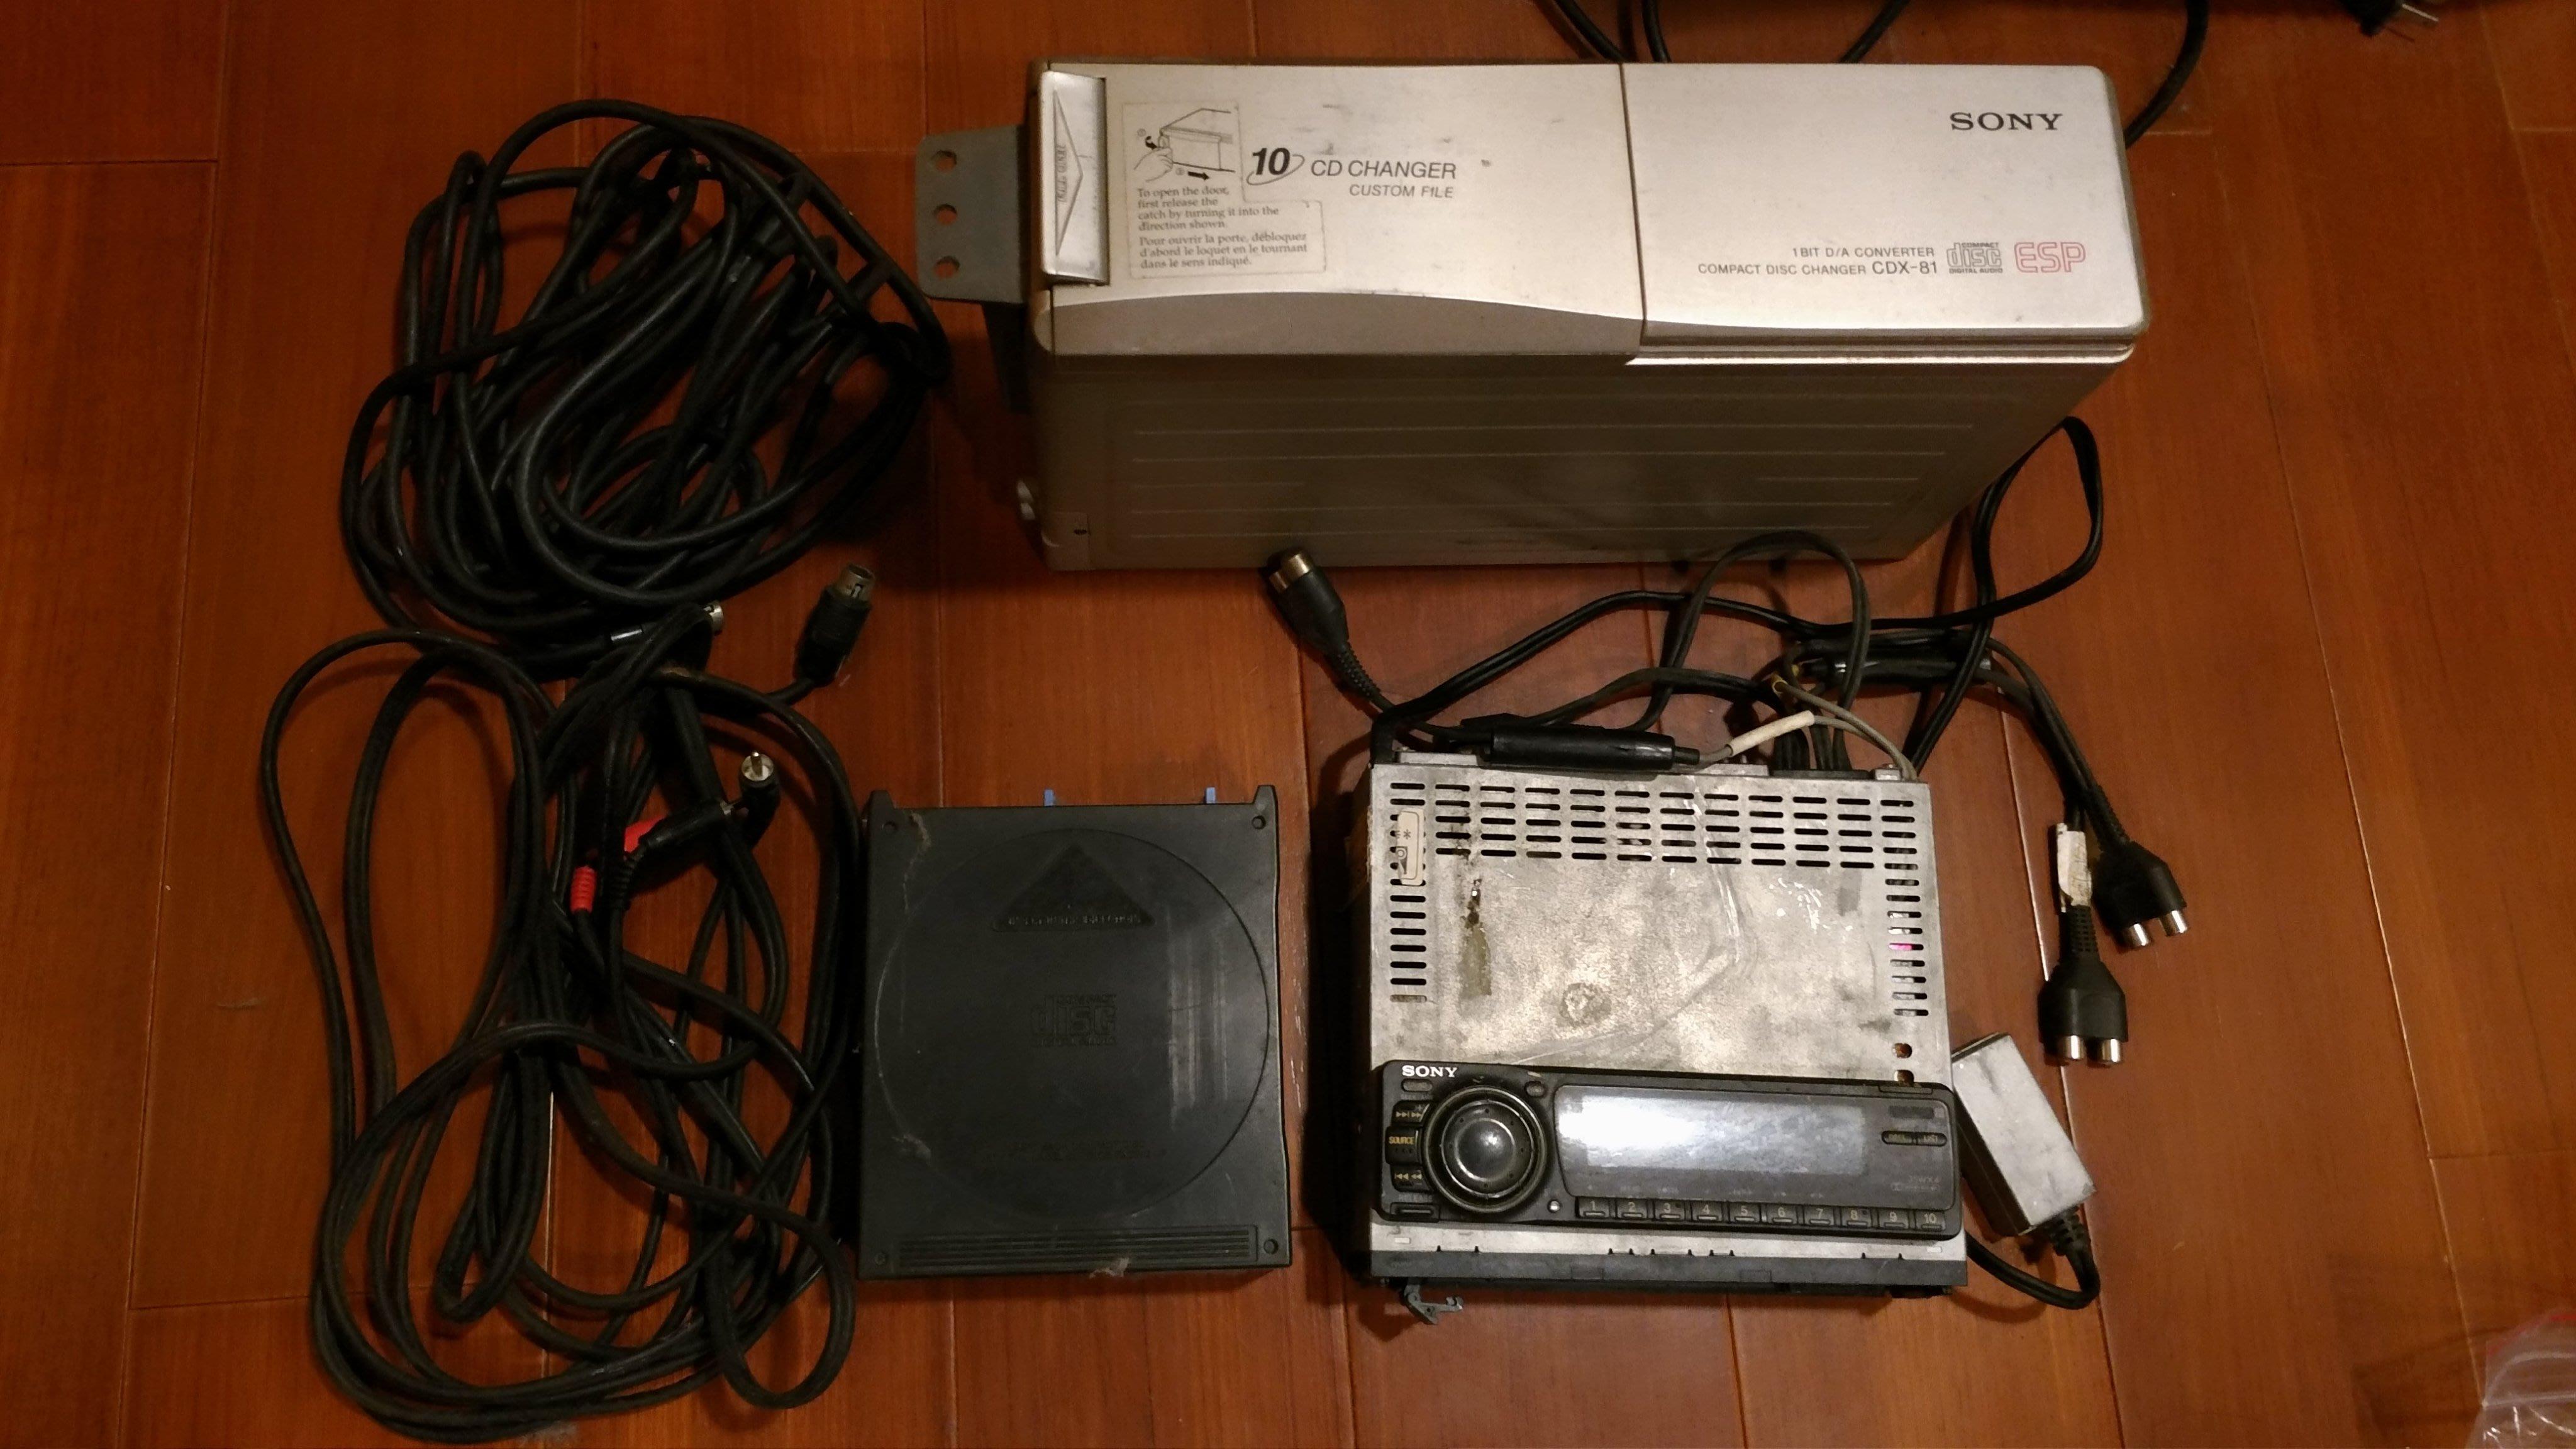 (雜物)SONY XR-C800十片CD 音響主機、換片箱、音源線,千元起標